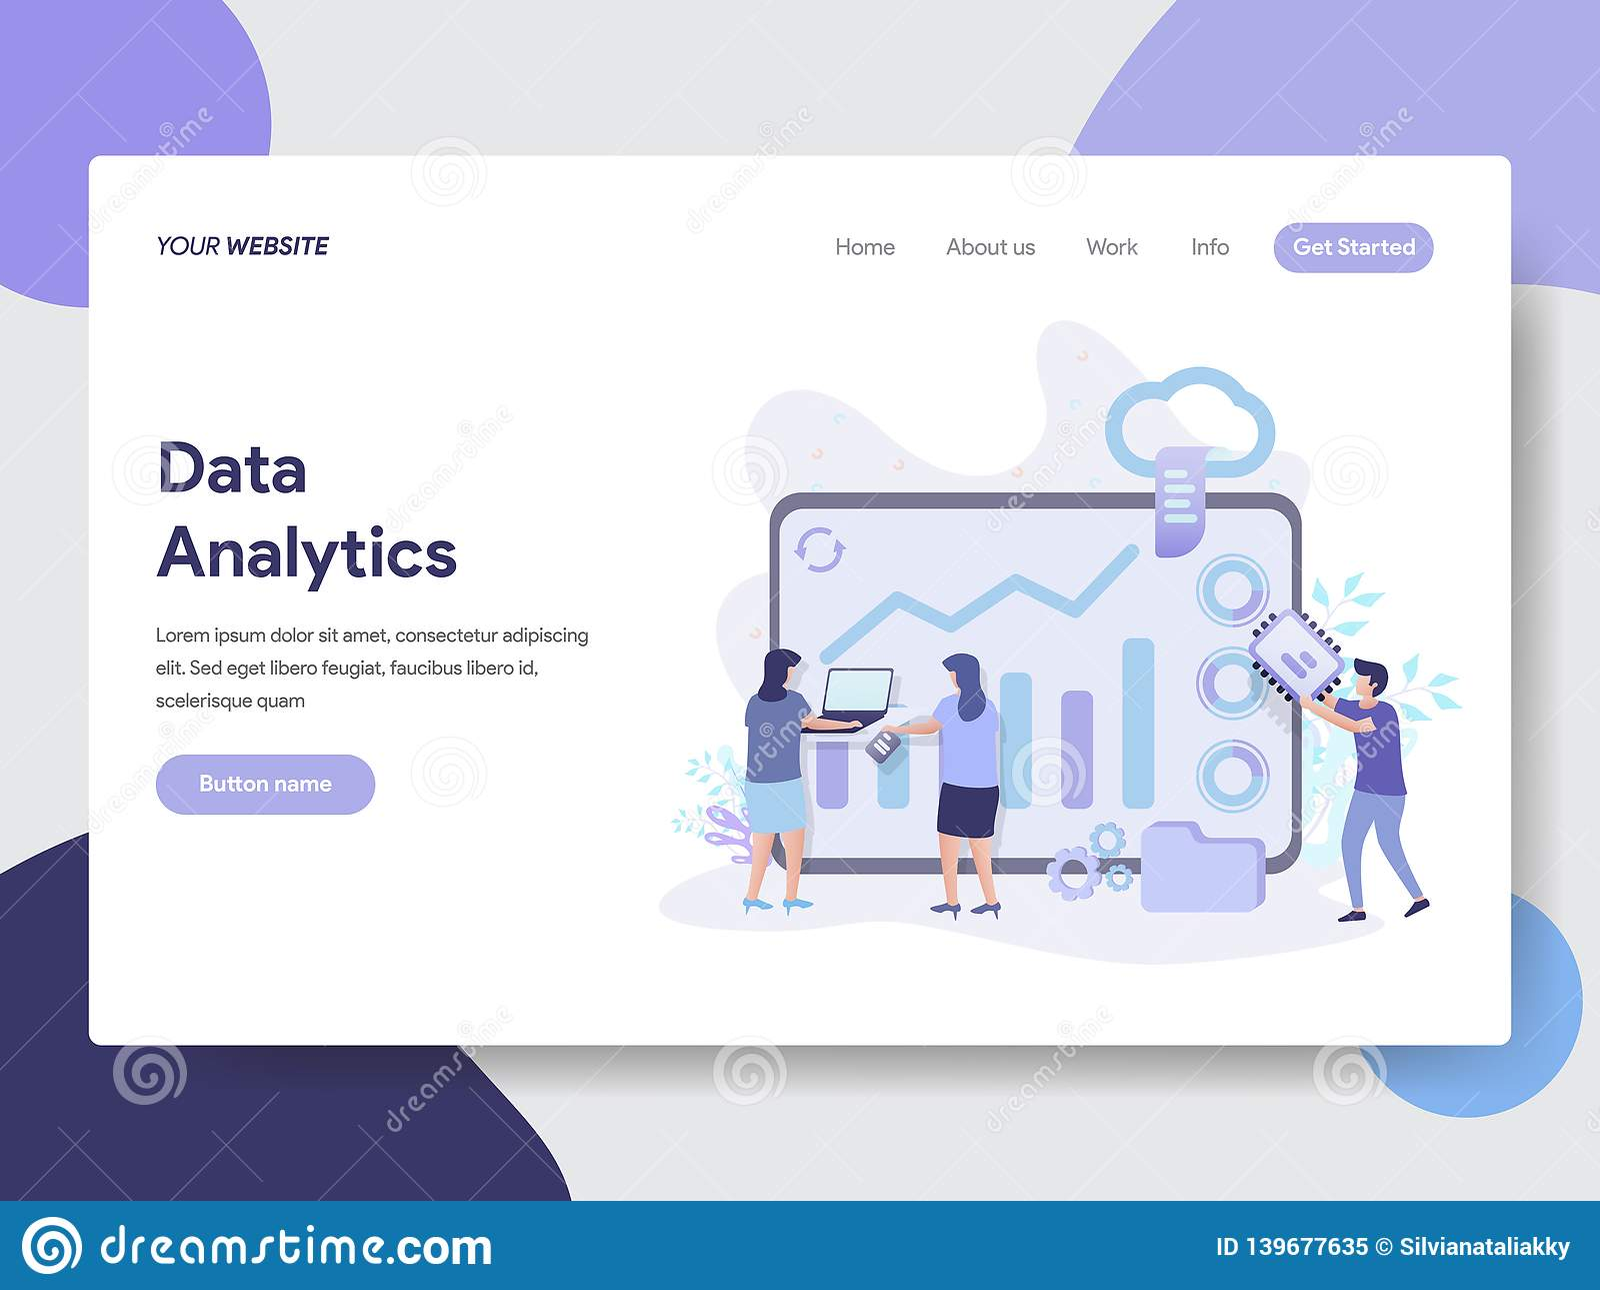 Προσγειωμένος πρότυπο σελίδων της έννοιας απεικόνισης Analytics στοιχείων Σύγχρονη επίπεδη έννοια σχεδίου του σχεδίου ιστοσελίδας